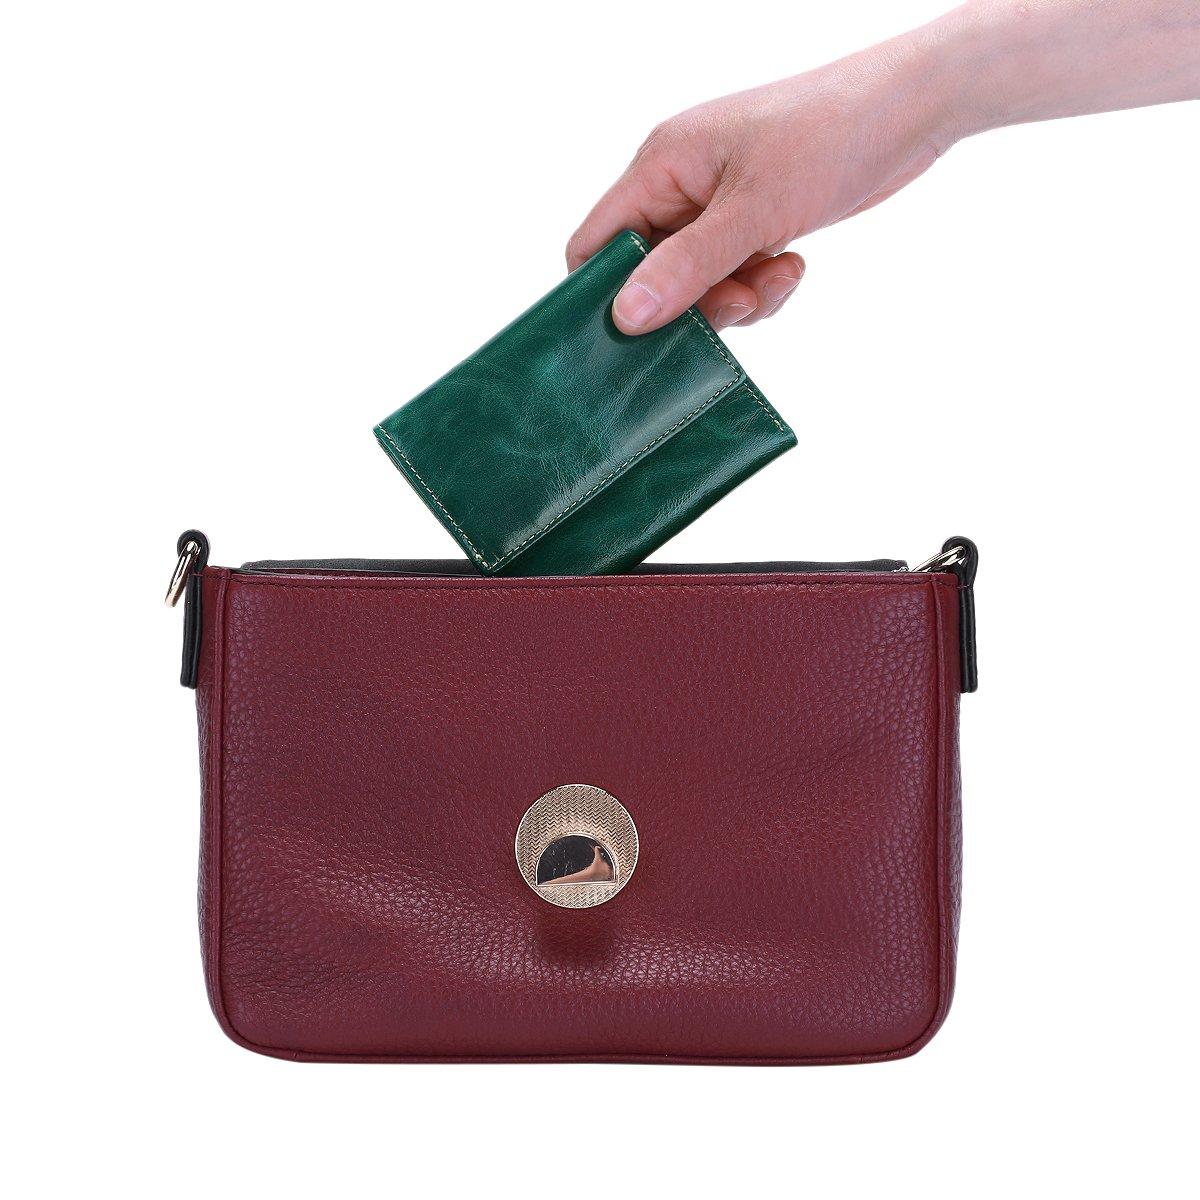 Amazon.com: itslife Mujer RFID bloqueo pequeño y compacto ...